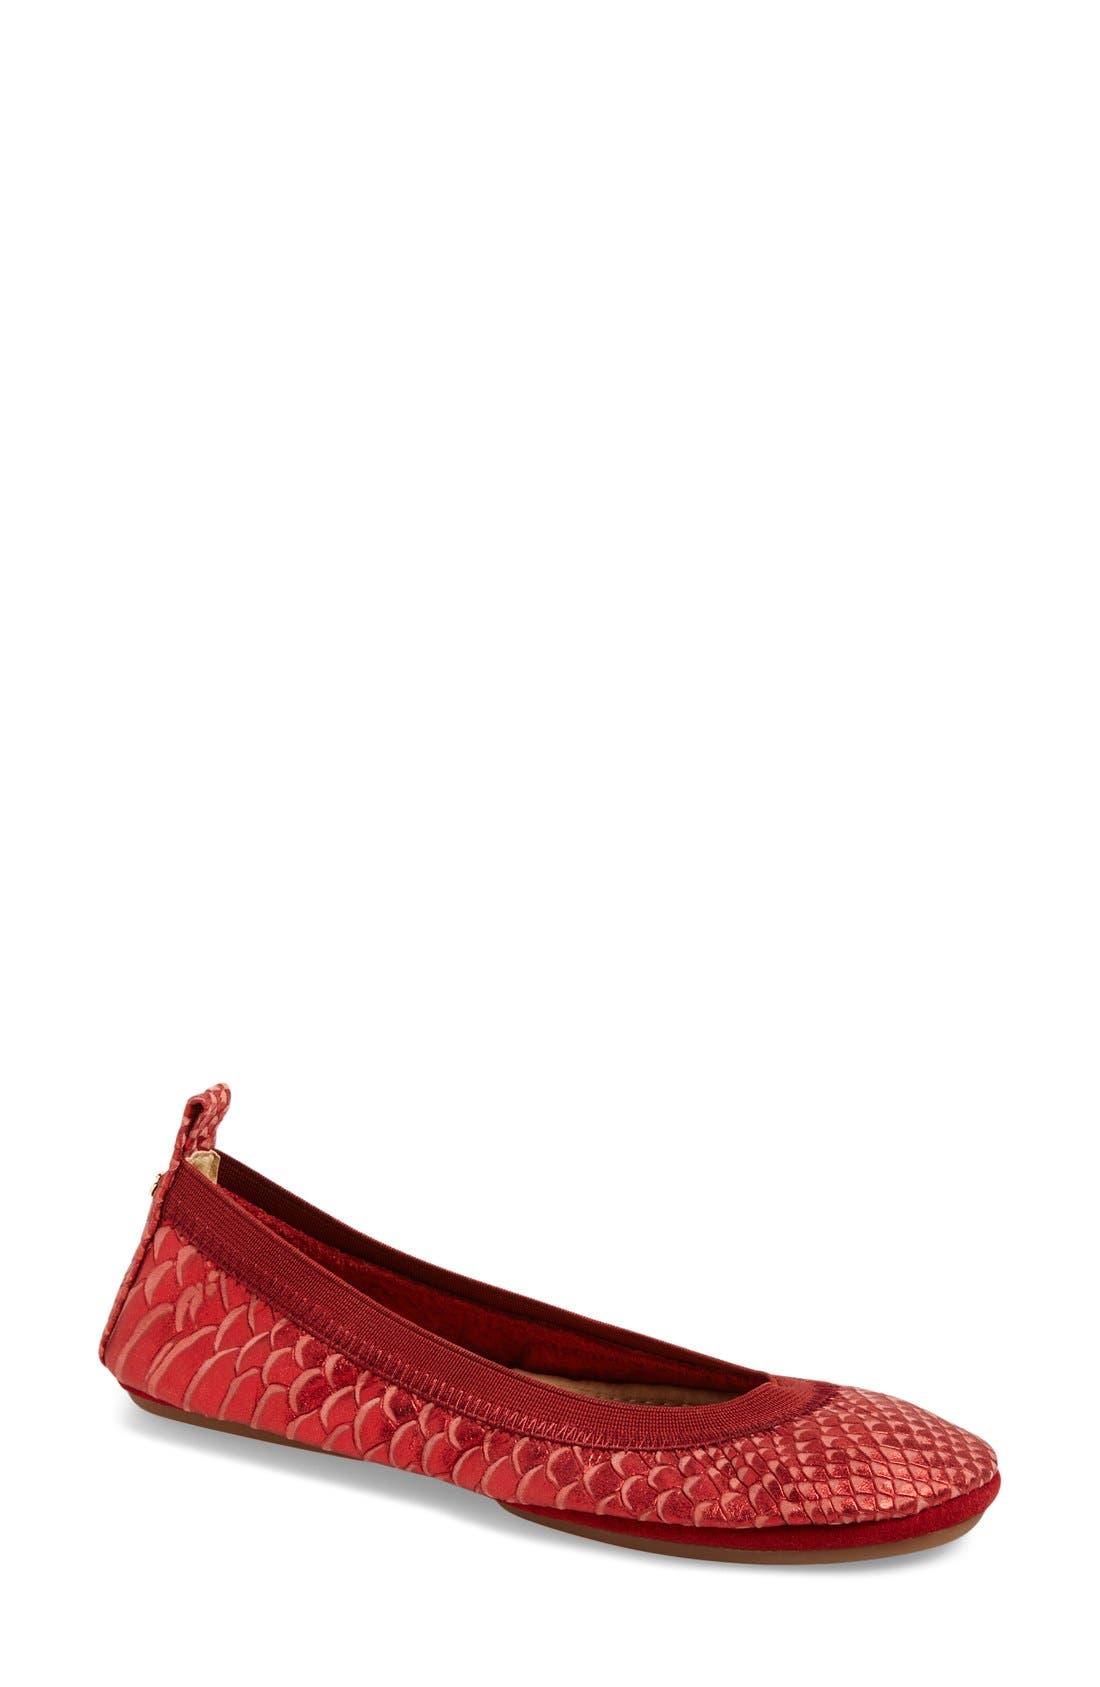 Yosi Samra 'Samara' Foldable Ballet Flat (Women)